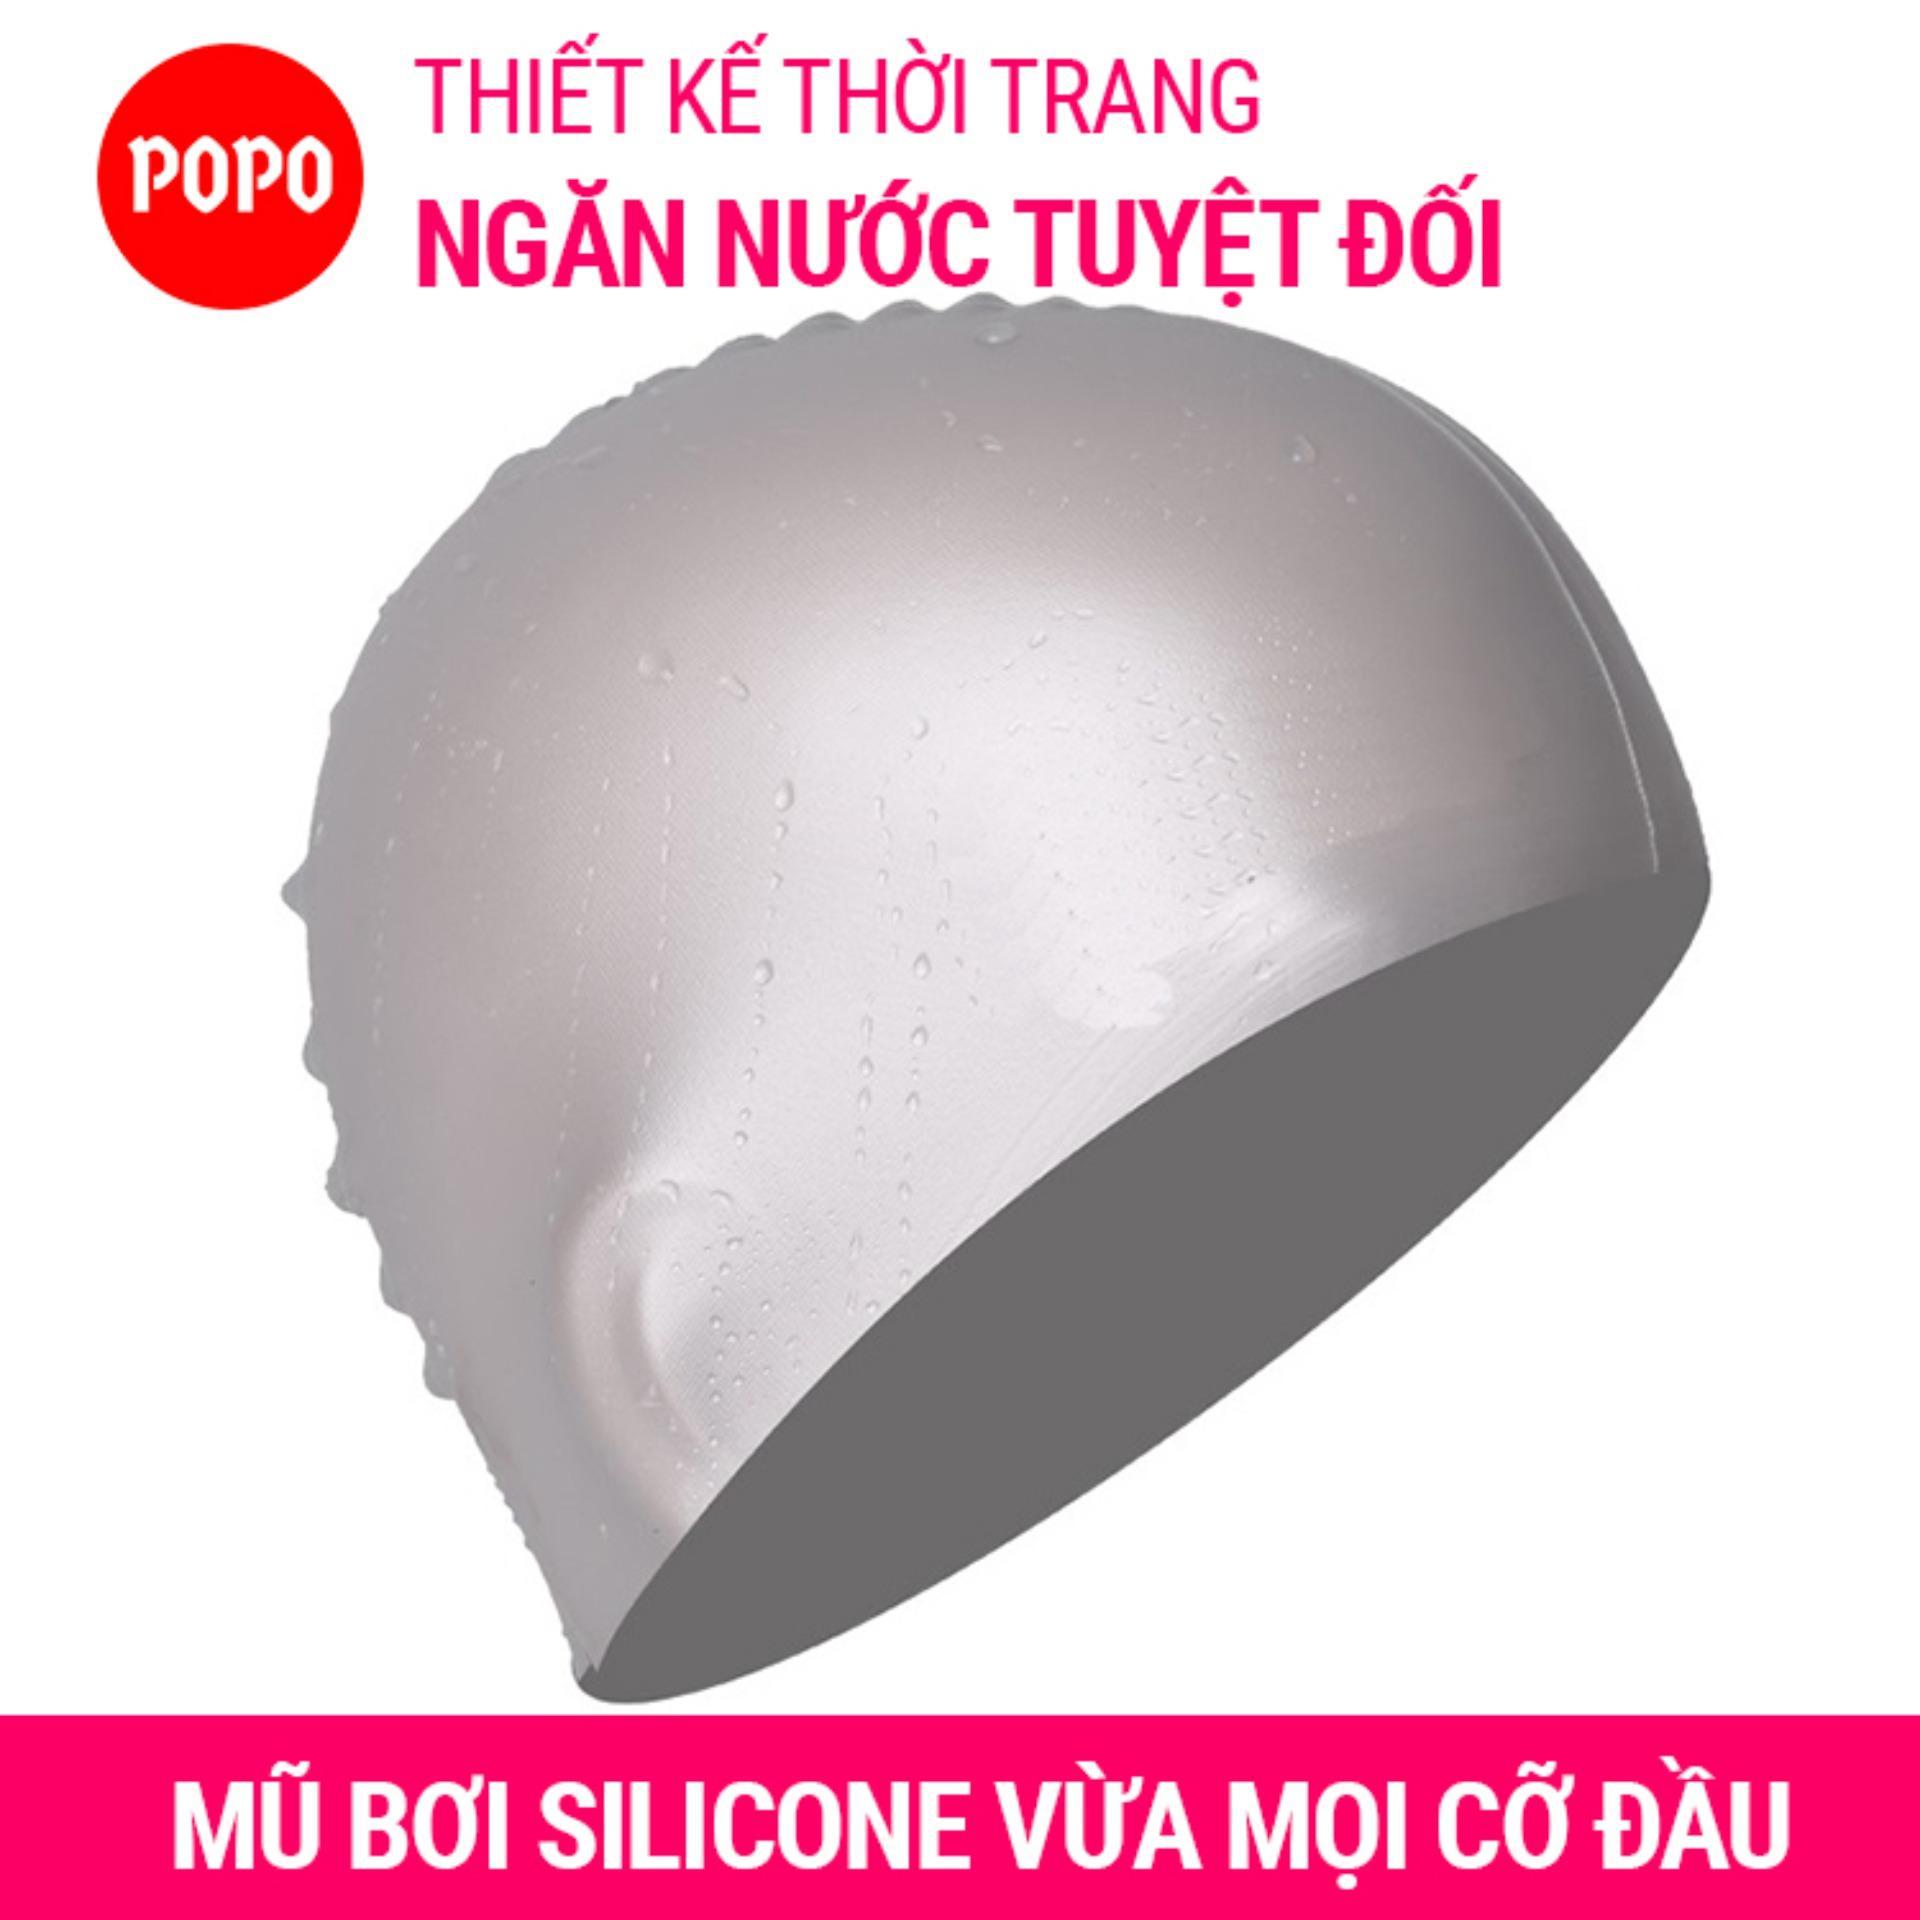 Nón bơi mũ bơi trơn silicone chống thống nước cao cấp CA31 POPO Collection 24